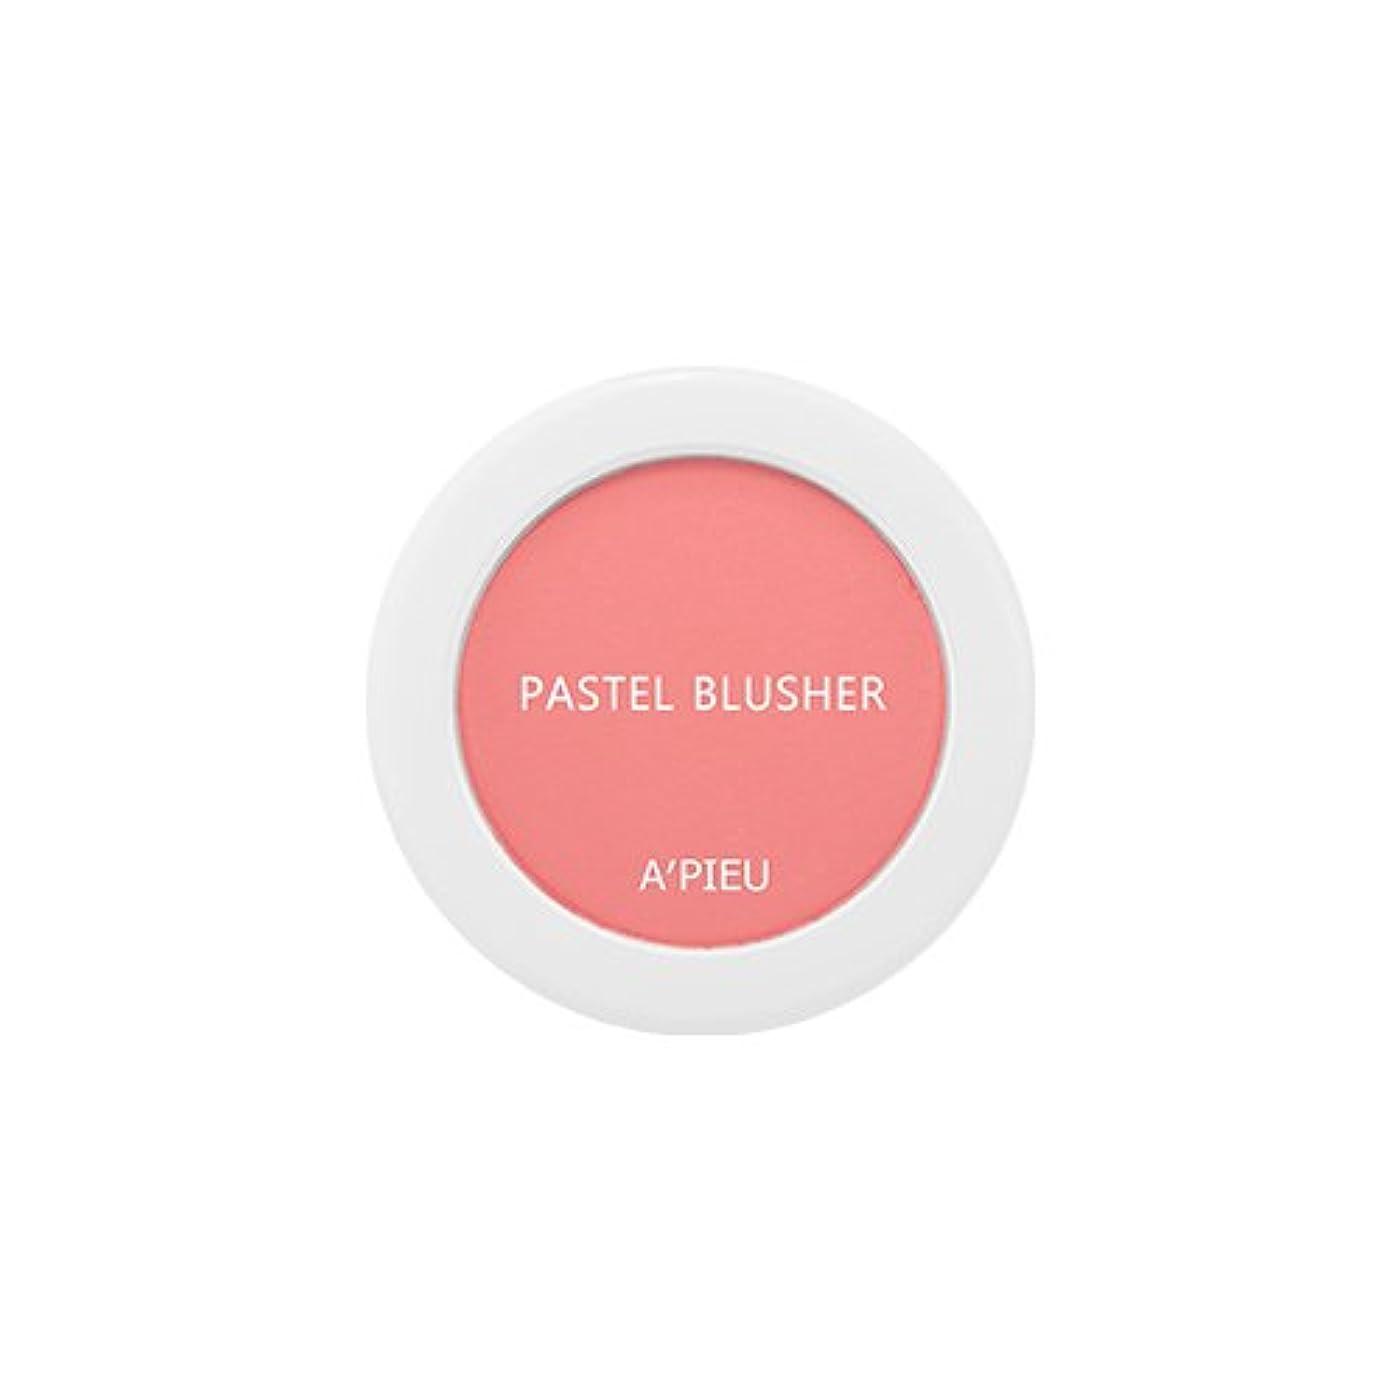 非難する一貫性のない徹底アピュ[APIEU] Pastel Blusher パステル ブラッシャー (CR01) [並行輸入品]